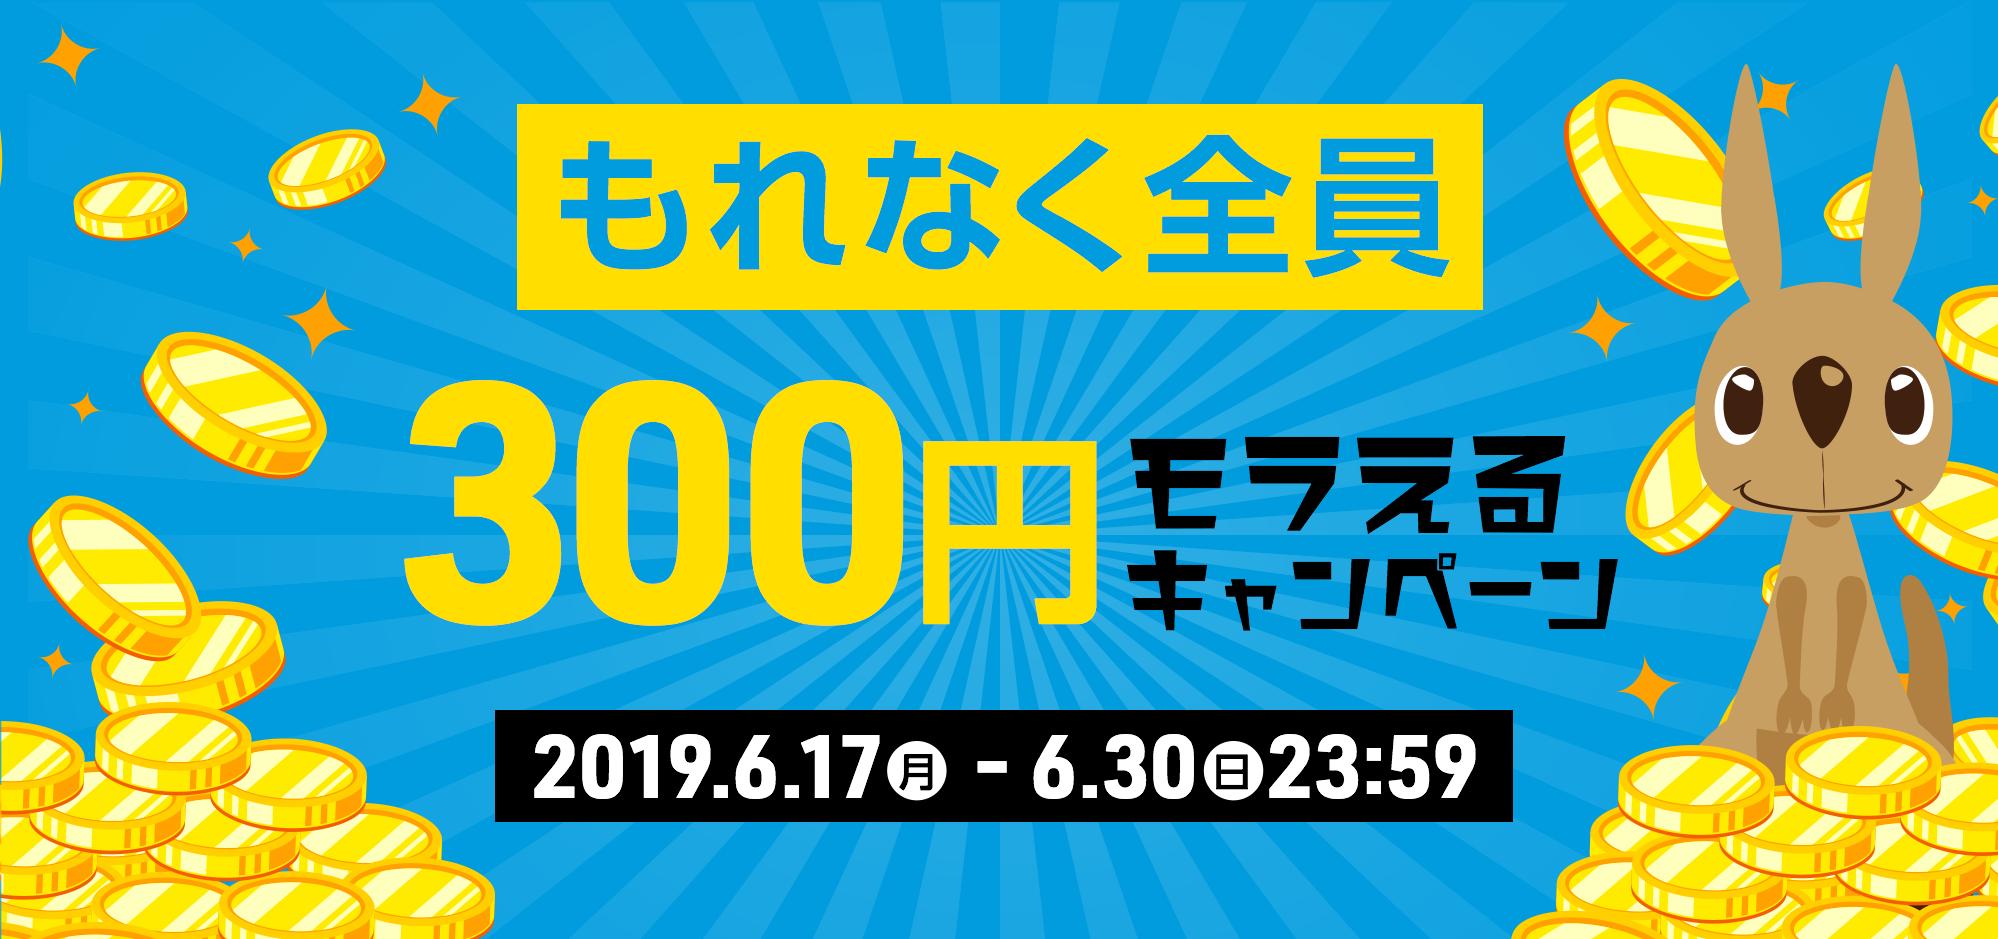 モラタメでPayPal残高300円分がもれなく貰える。モニプラでも200円分を配布中。~6/30。